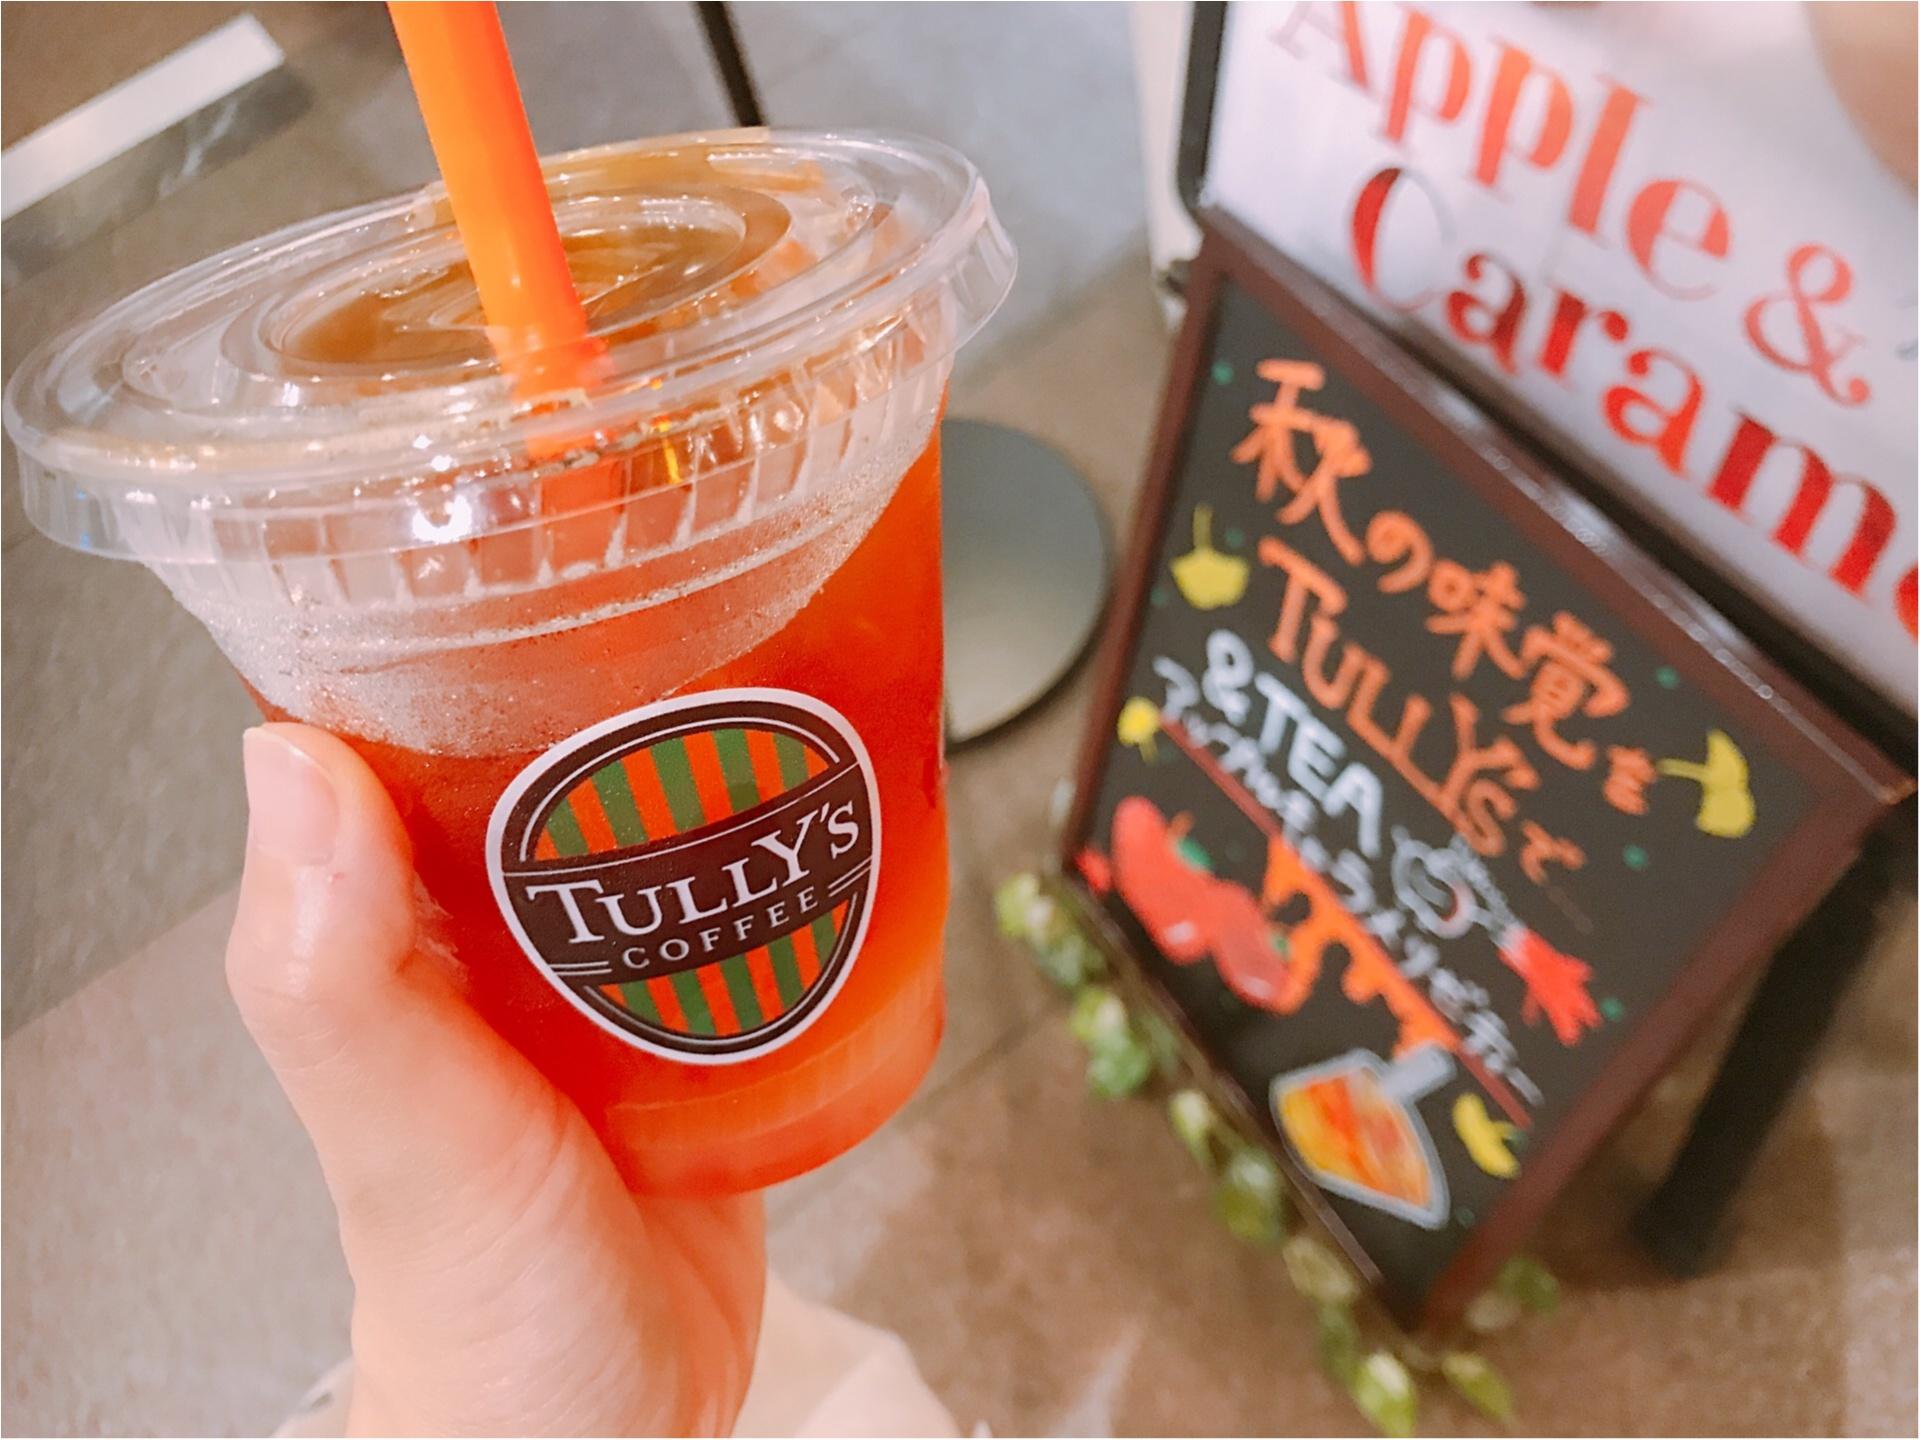 【Tully's】秋の新作★「ハロウィン菓子」をモチーフにしたドリンクが美味♡_1